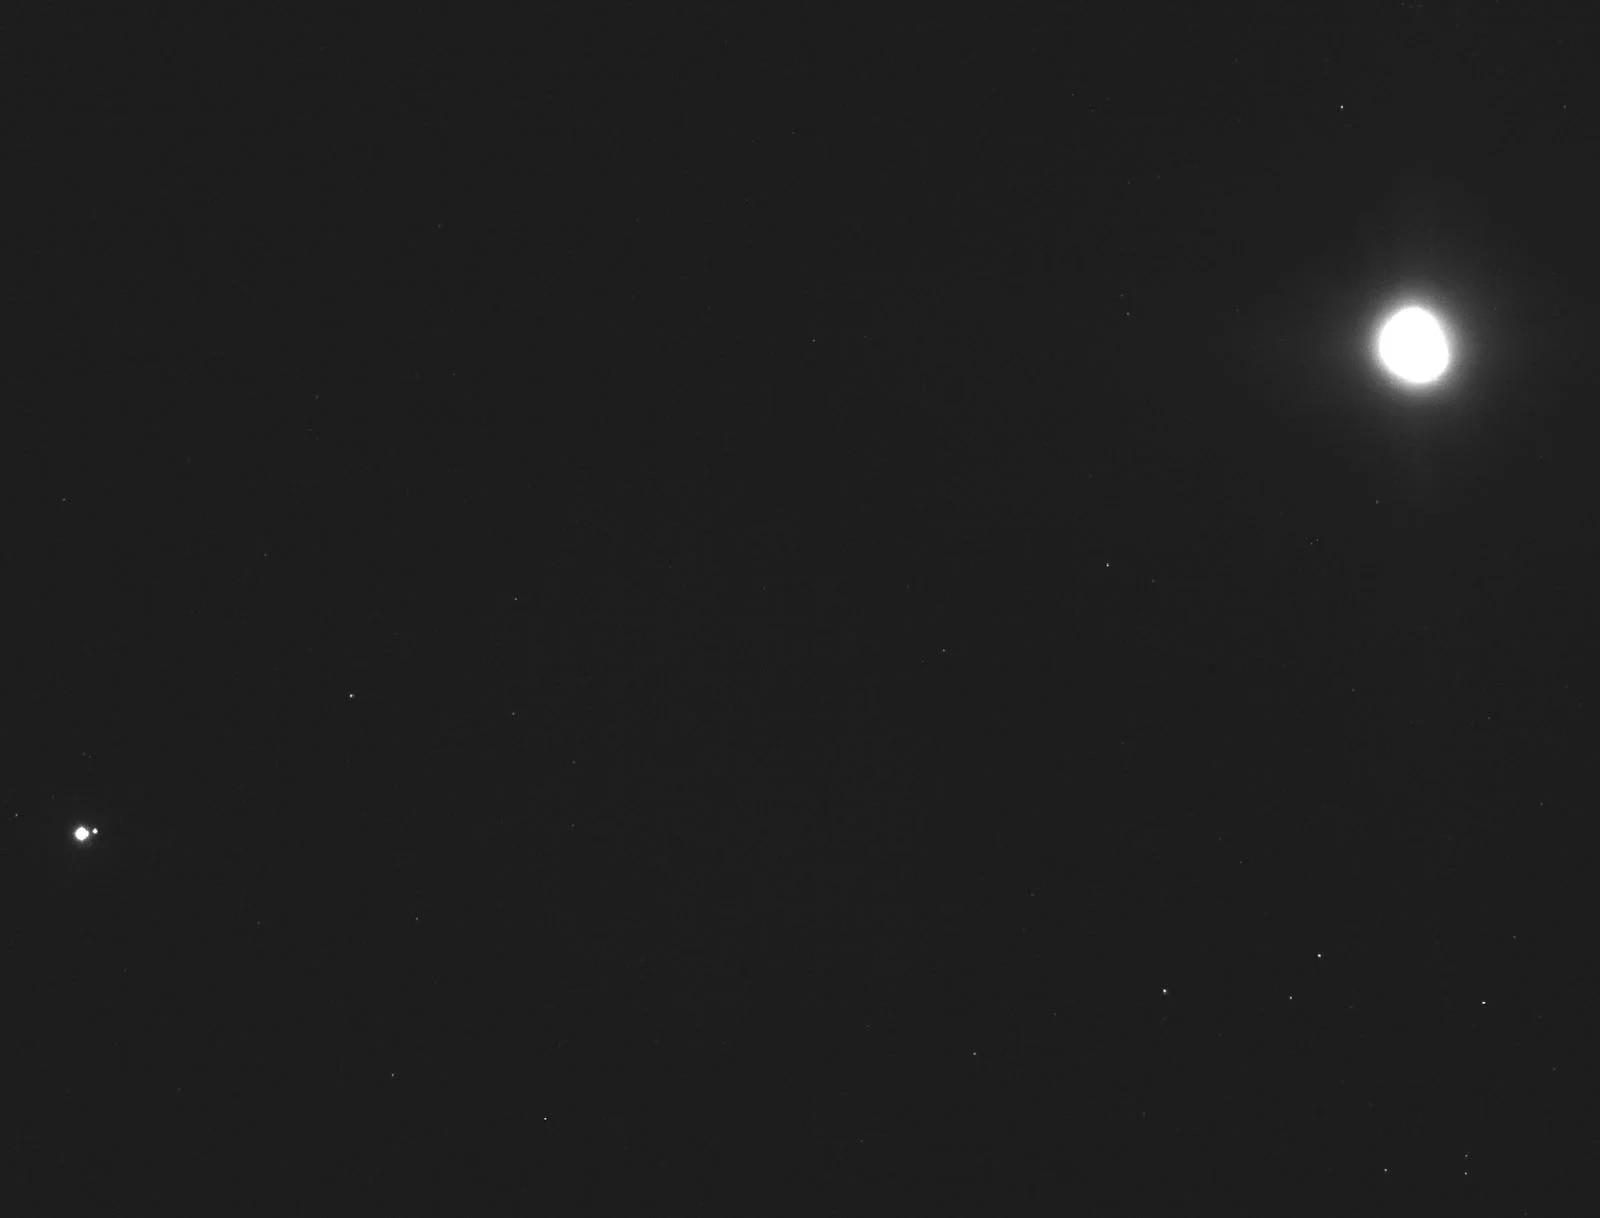 Bức ảnh Trái Đất và Mặt Trăng được chụp từ khoảng cách hơn 114 triệu km